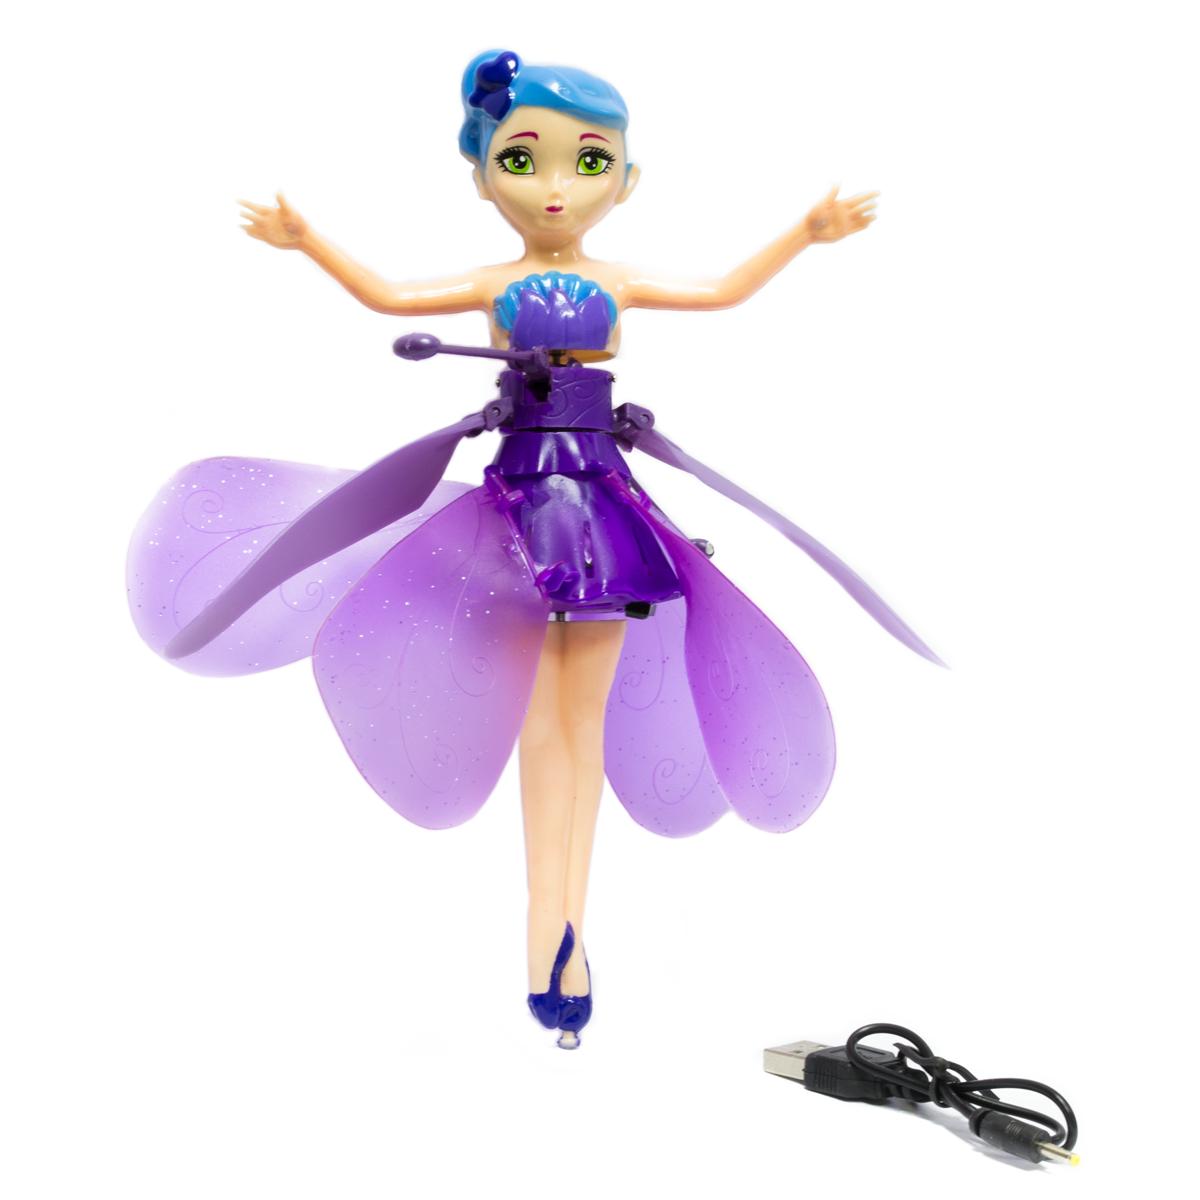 Летающая фея DIY Flying Fairy заряжается от USB Фиолетовая